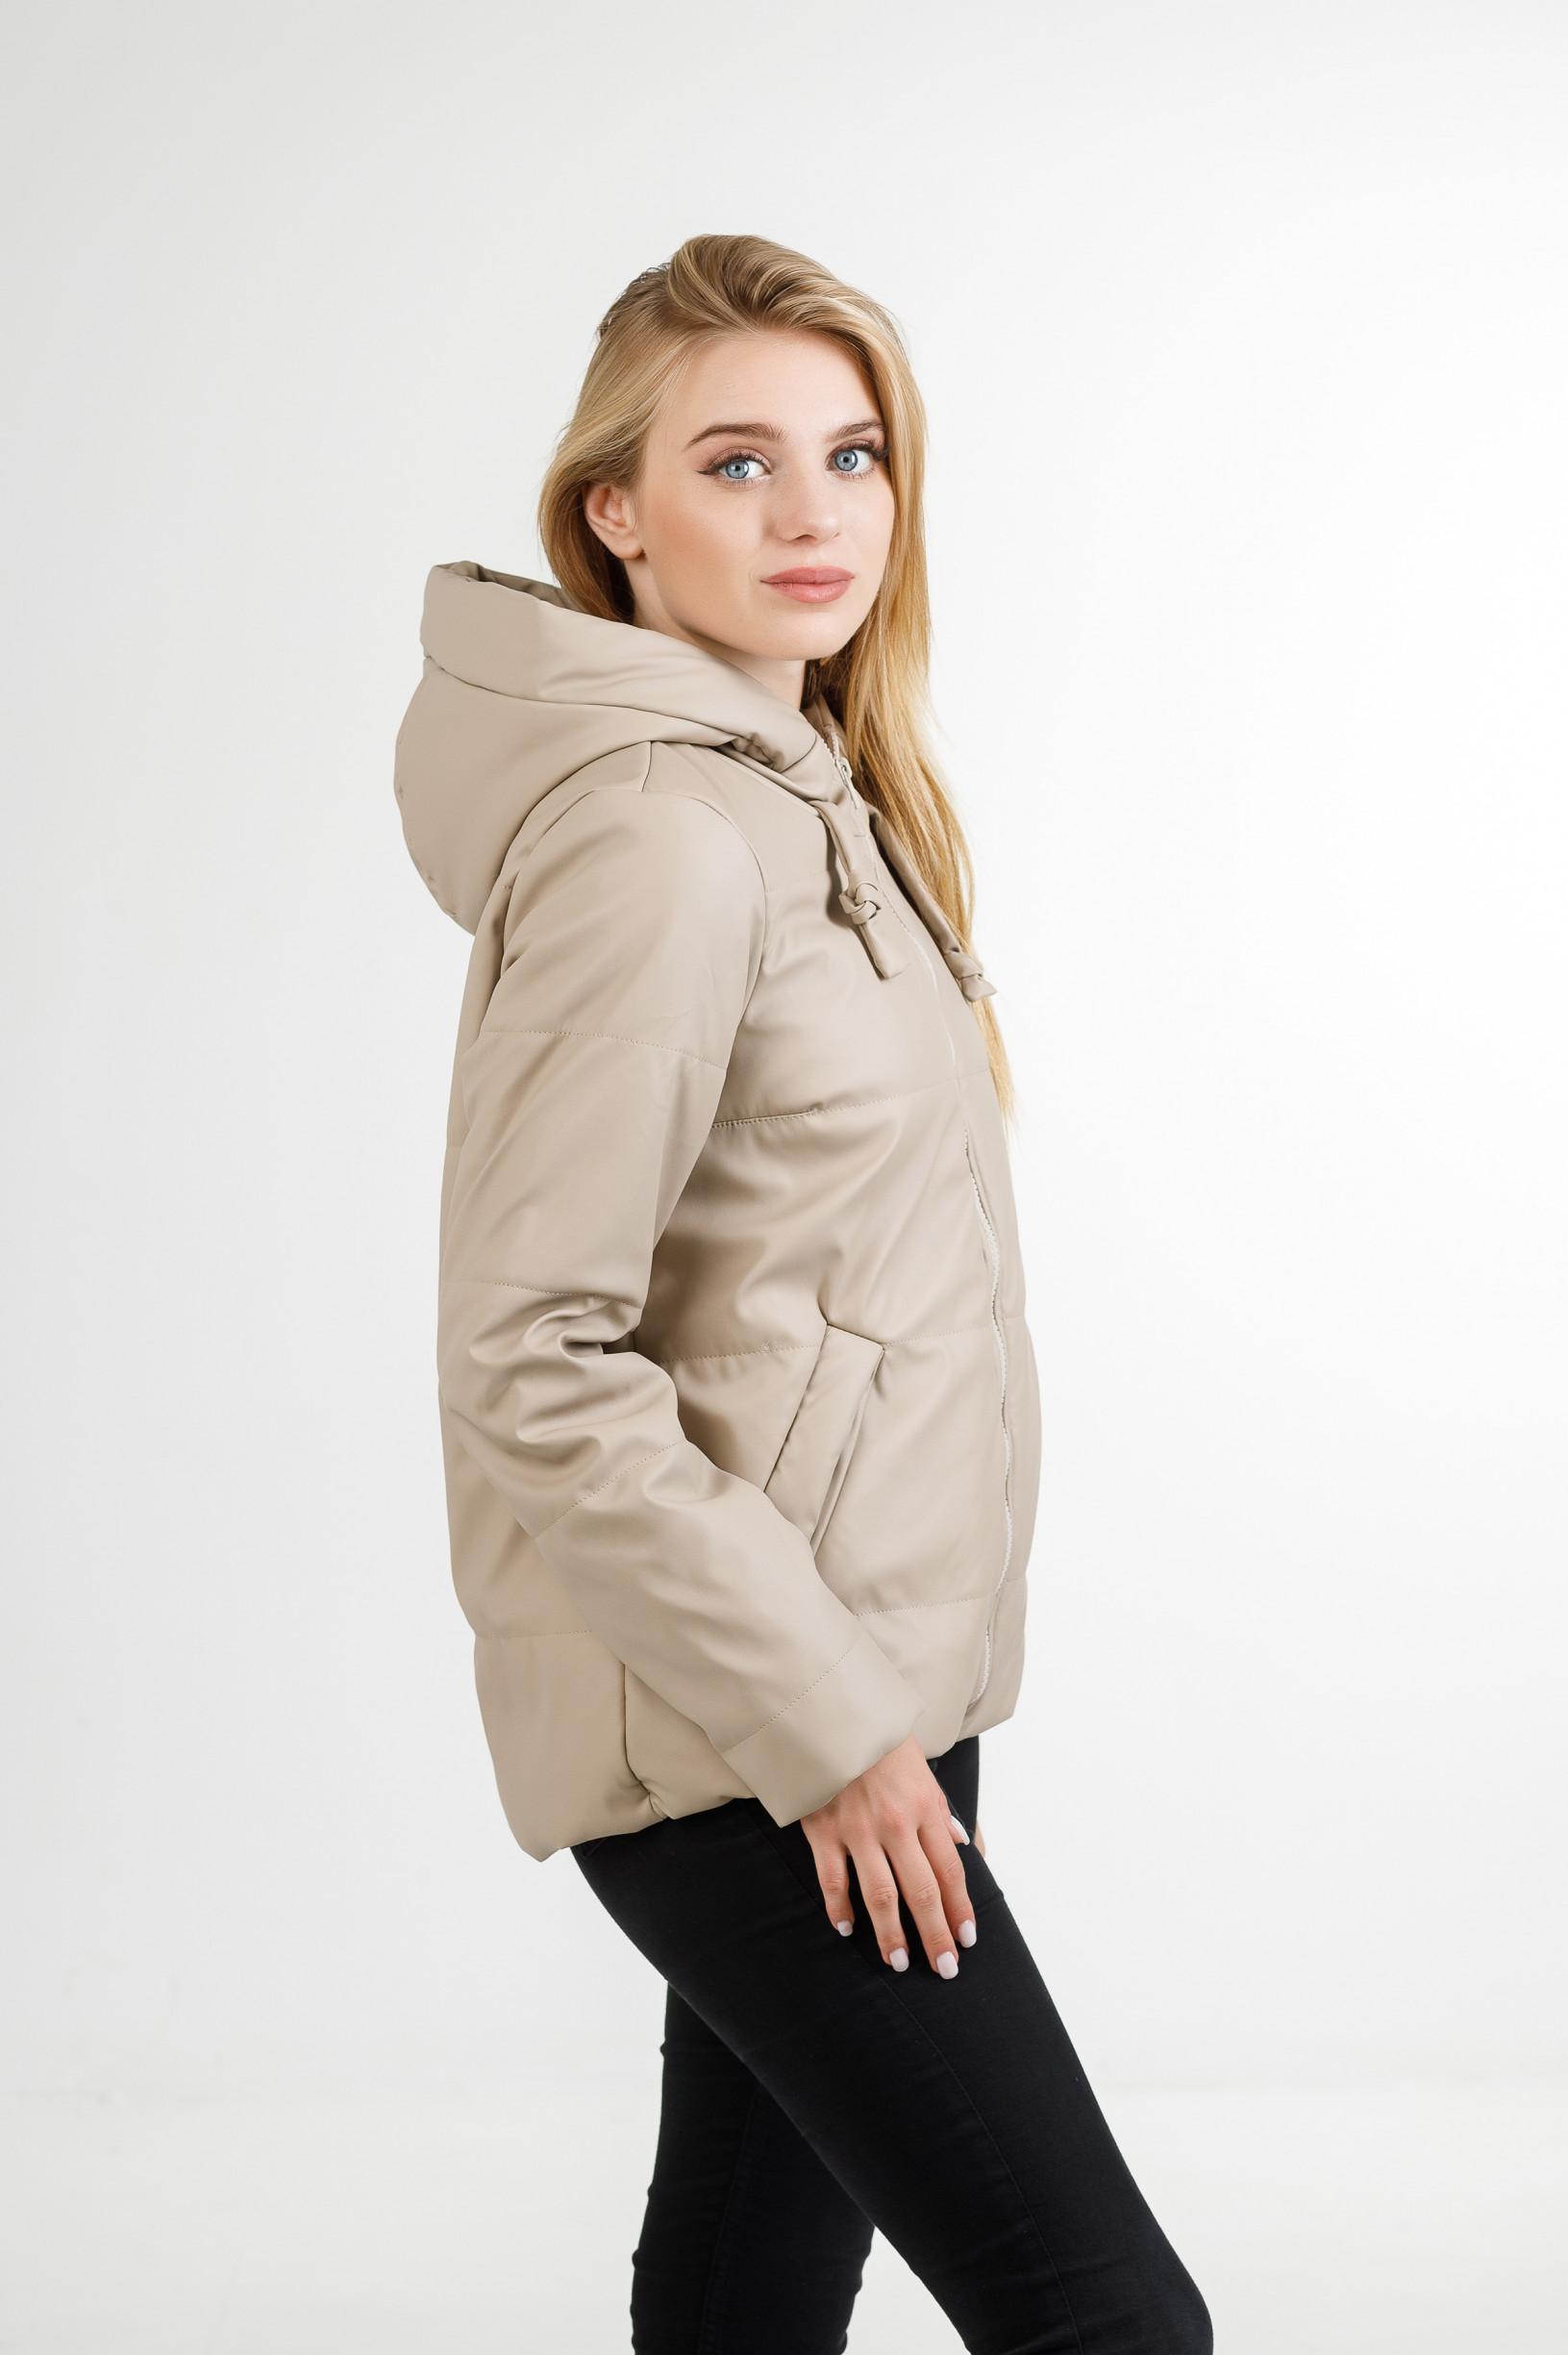 Полуспортивная демисезонная куртка Тутси из эко-кожи бежевая